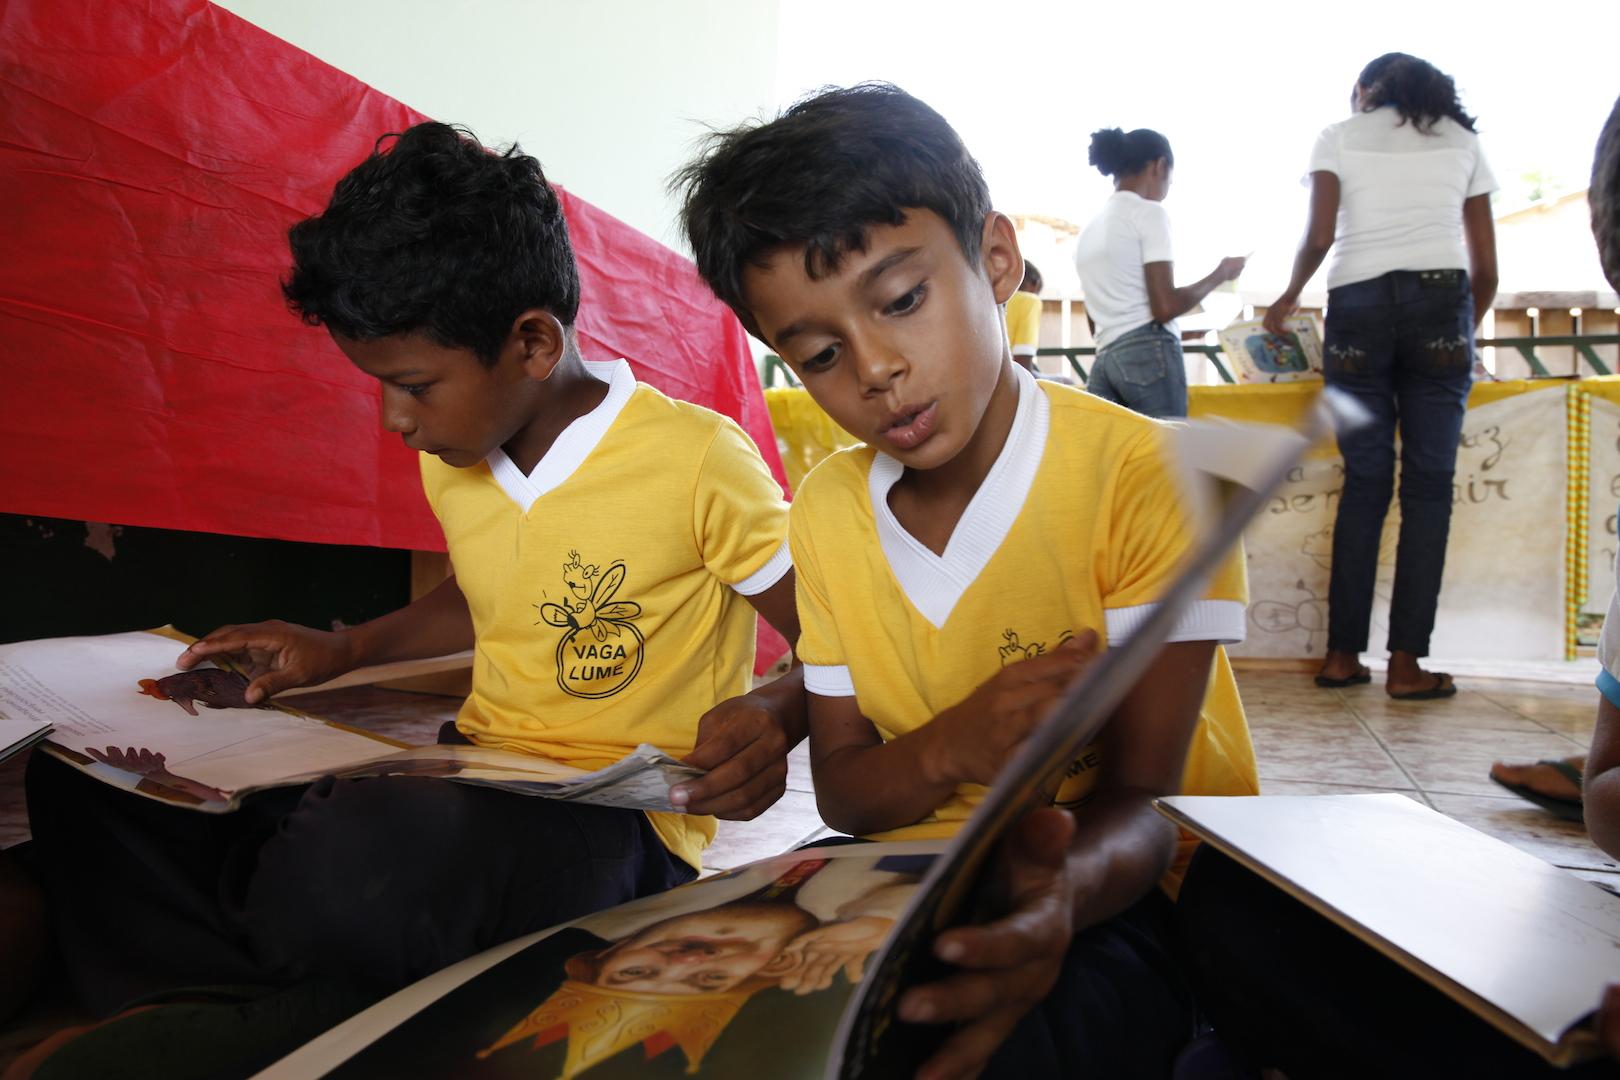 Brazilfoundation Vaga Lume Quilombola Amapá Pará Maranhão leitura livros artesanais crianças children books reading ONG Projeto Social